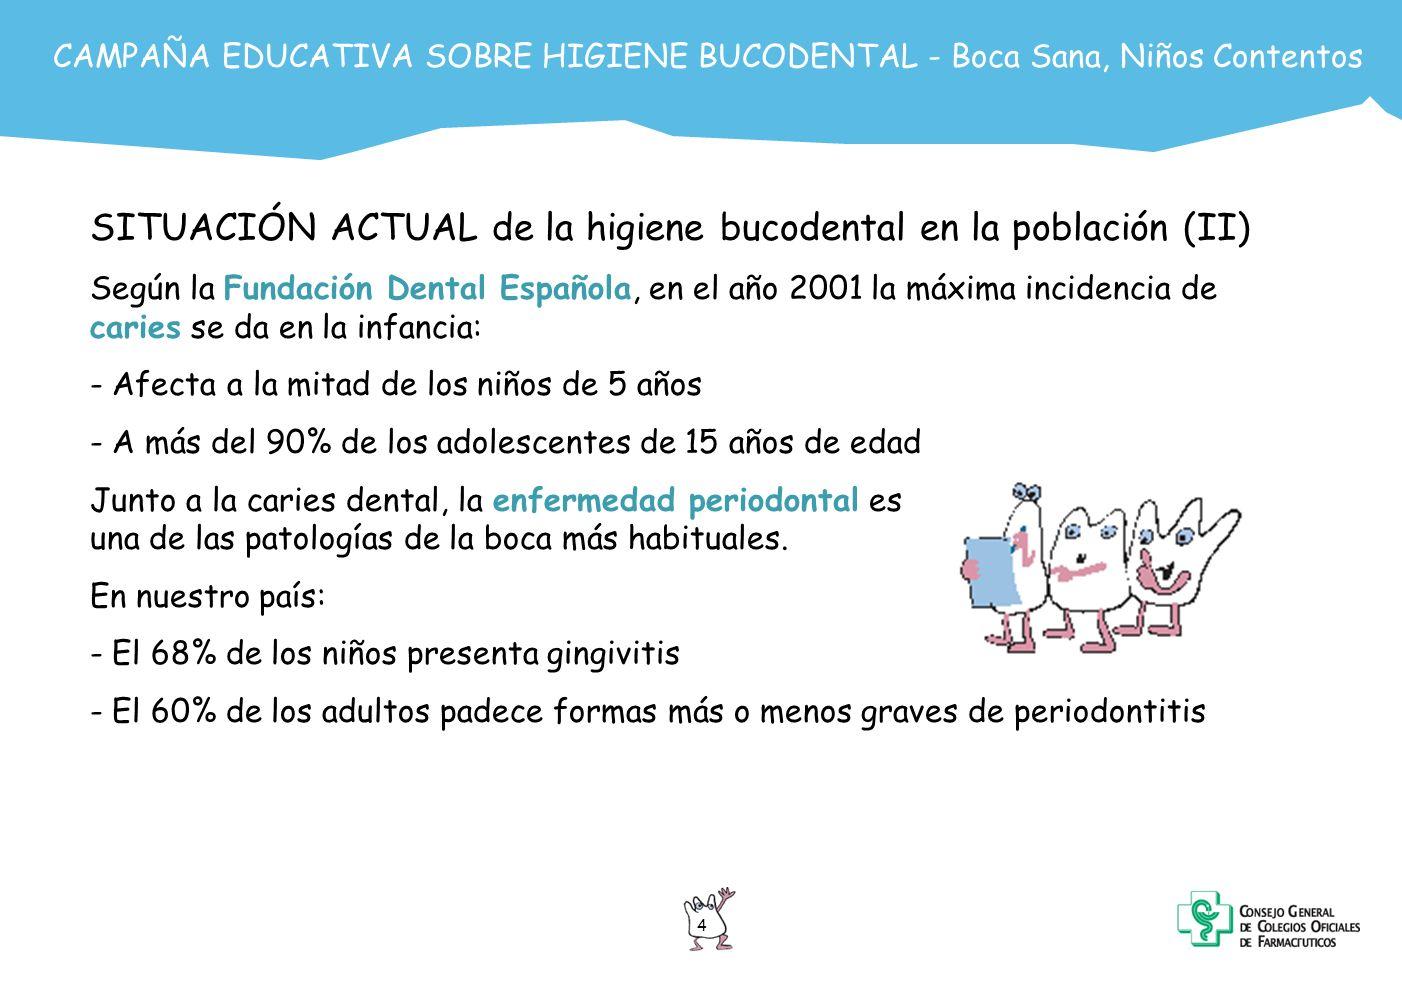 SITUACIÓN ACTUAL de la higiene bucodental en la población (II)